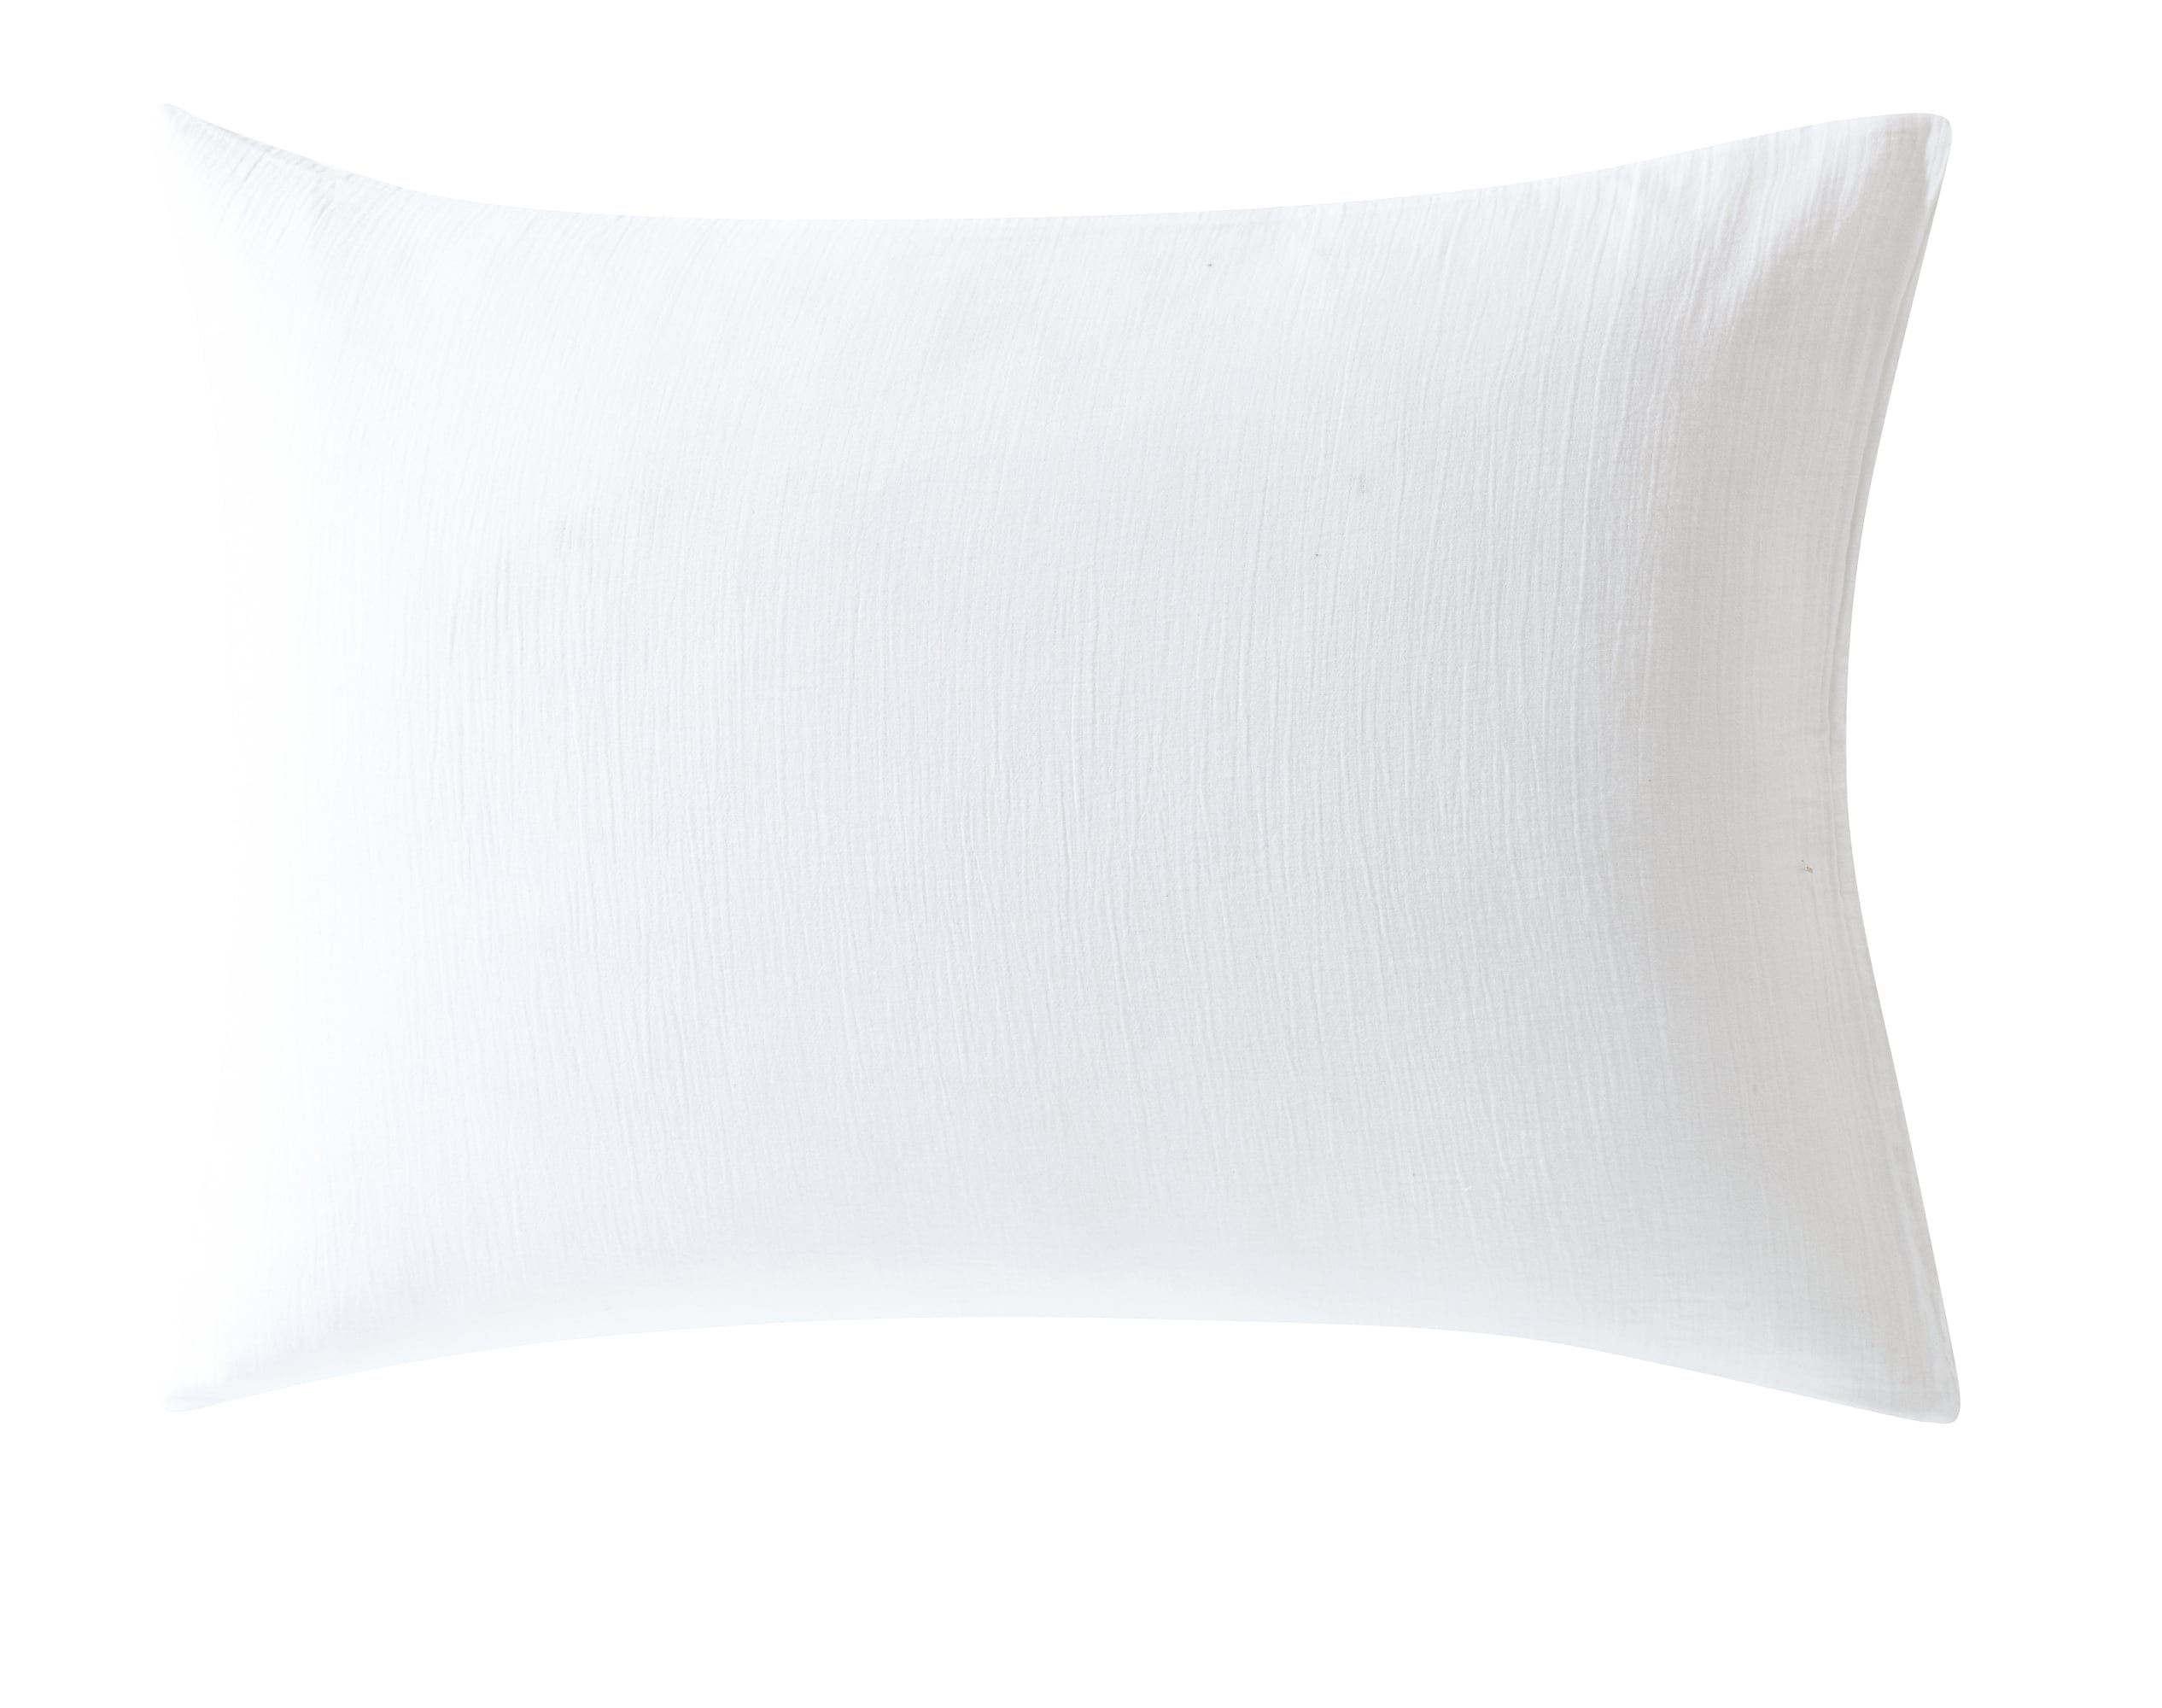 Taie d'oreiller 50x70 en gaze de coton blanc